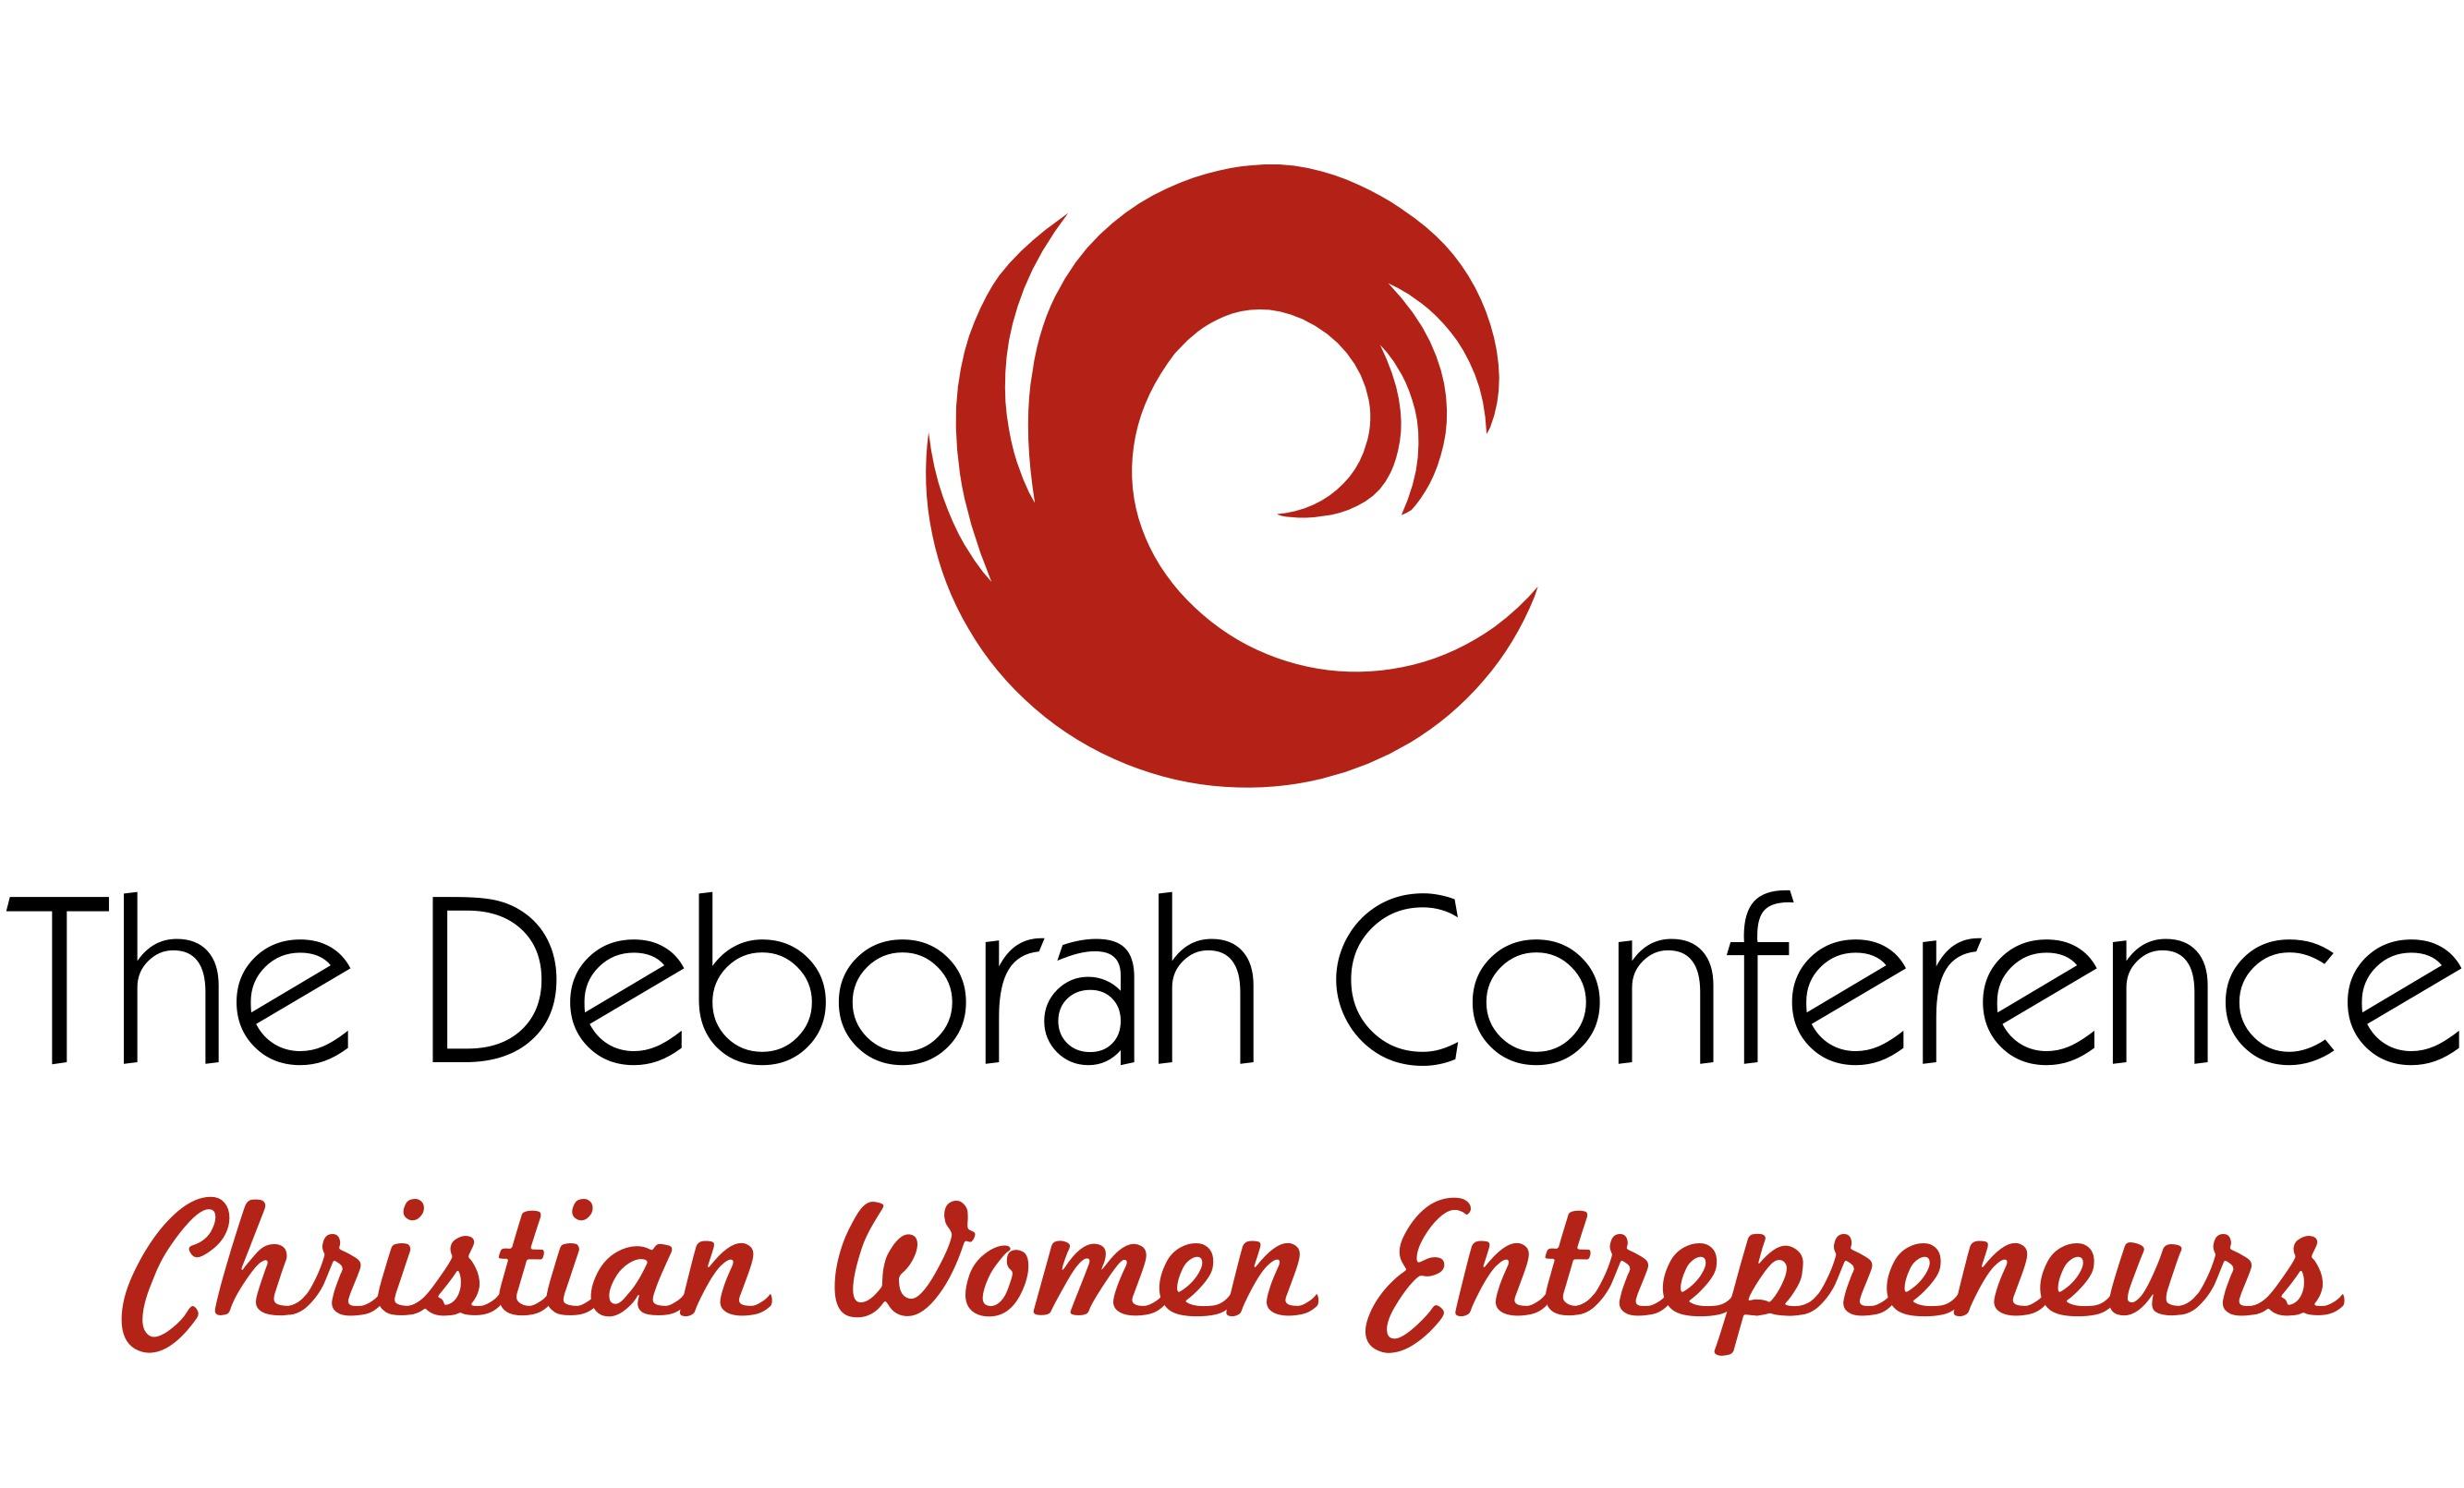 The Deborah Conference